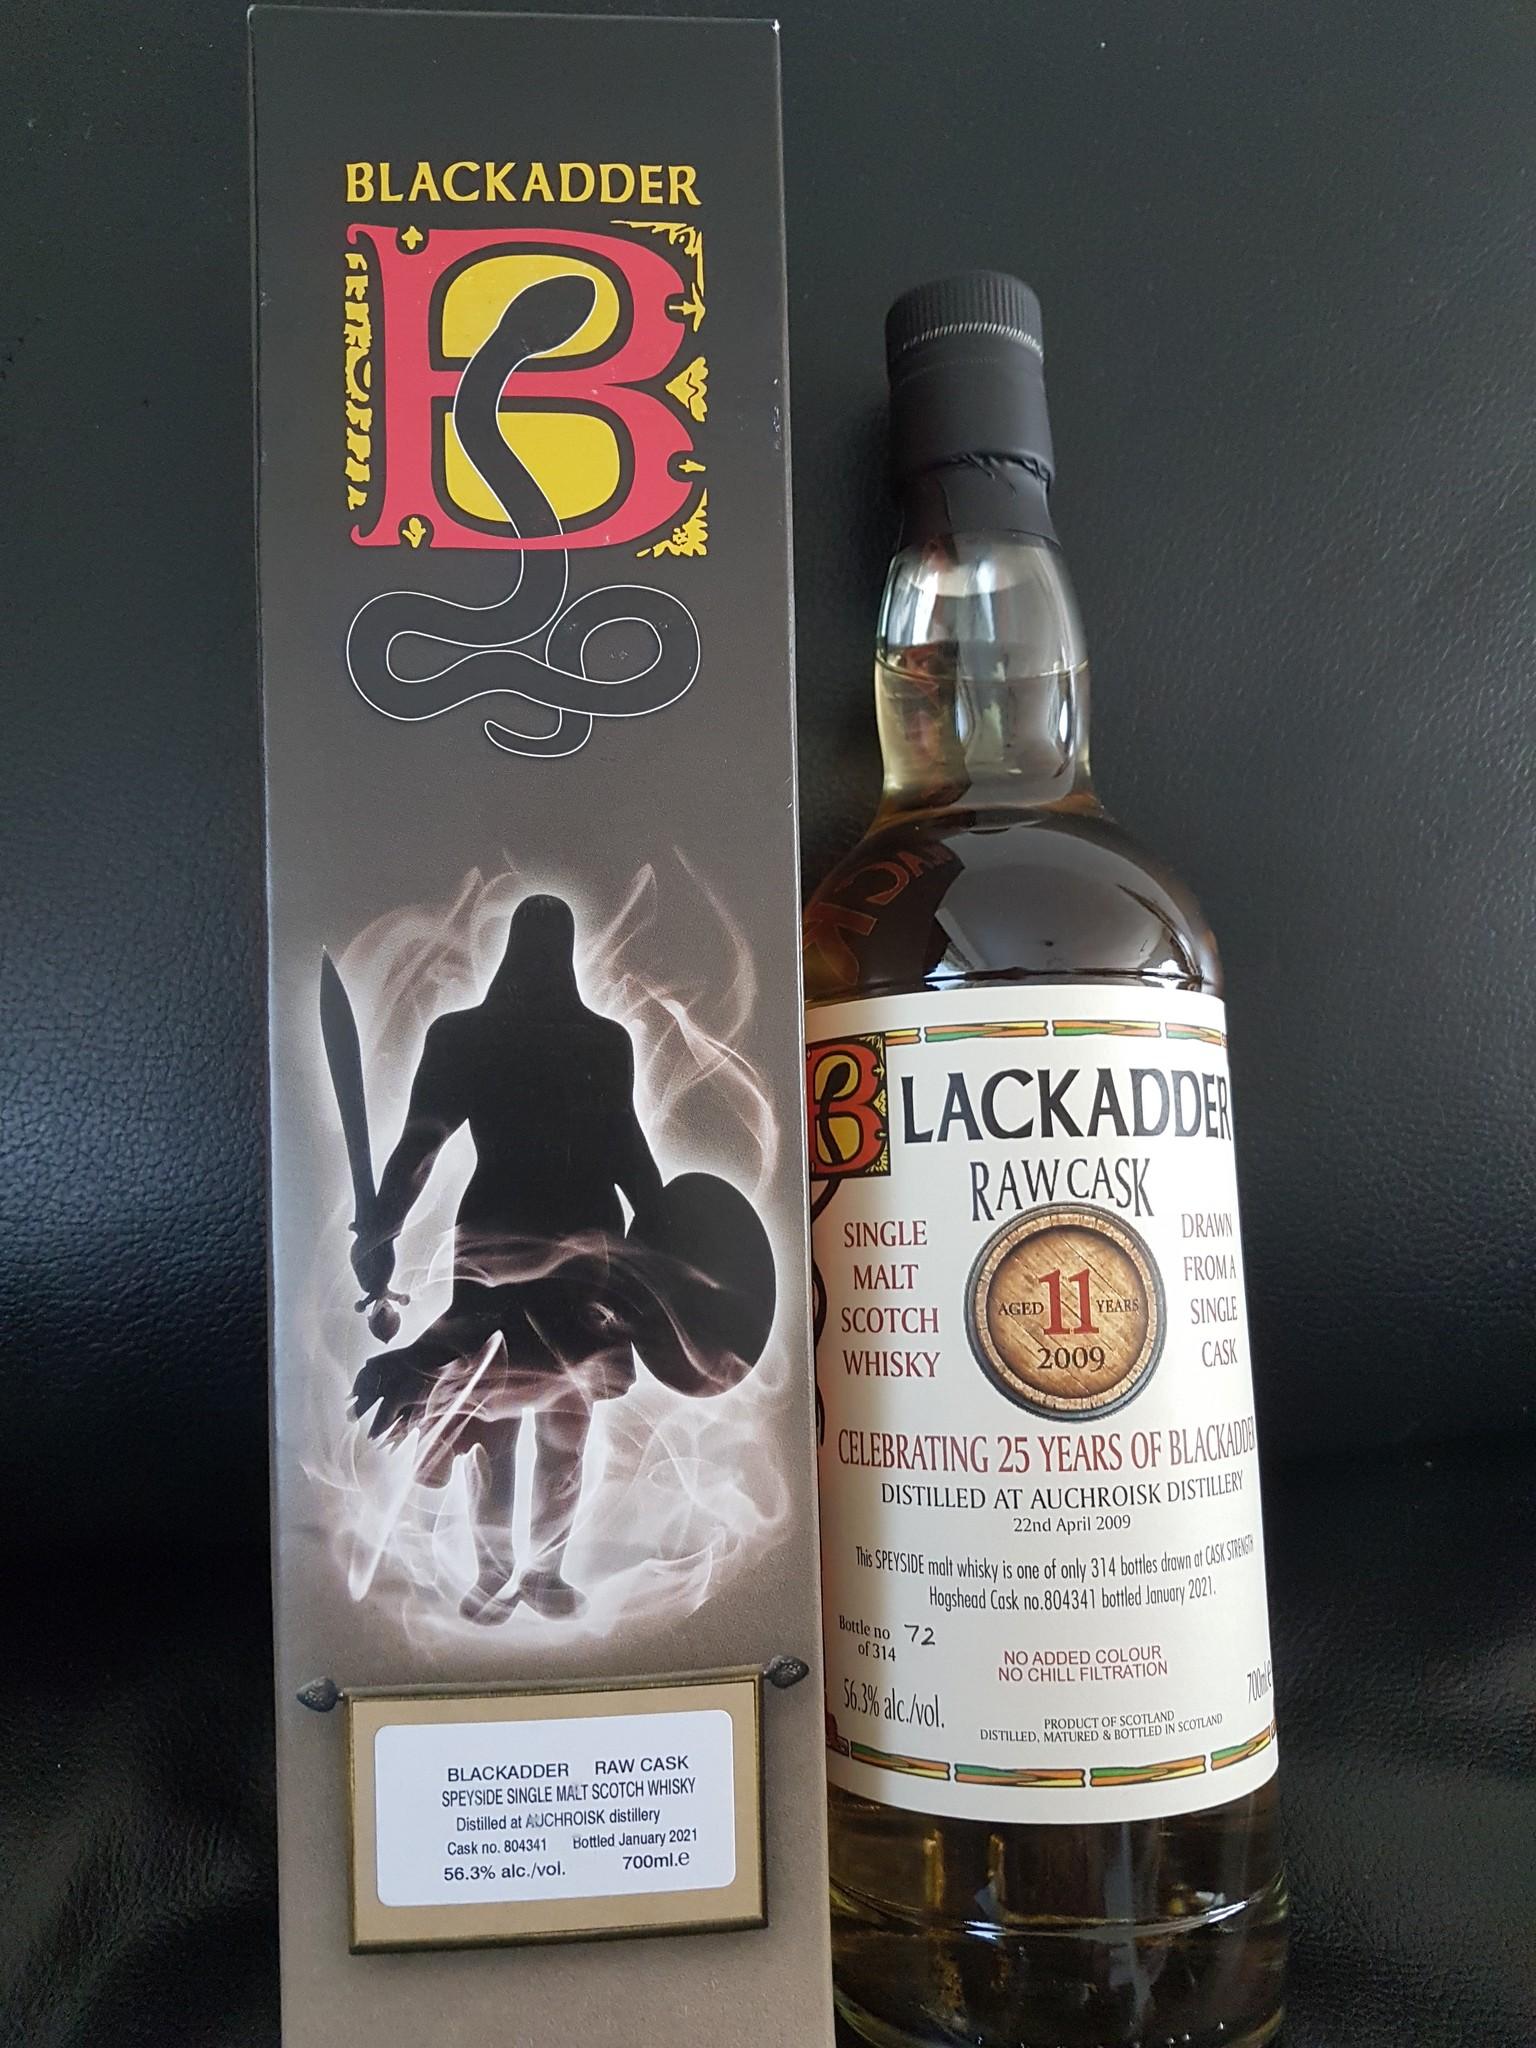 Black Adder Auchroisk 11Y 2009-2021 56.3% Blackadder